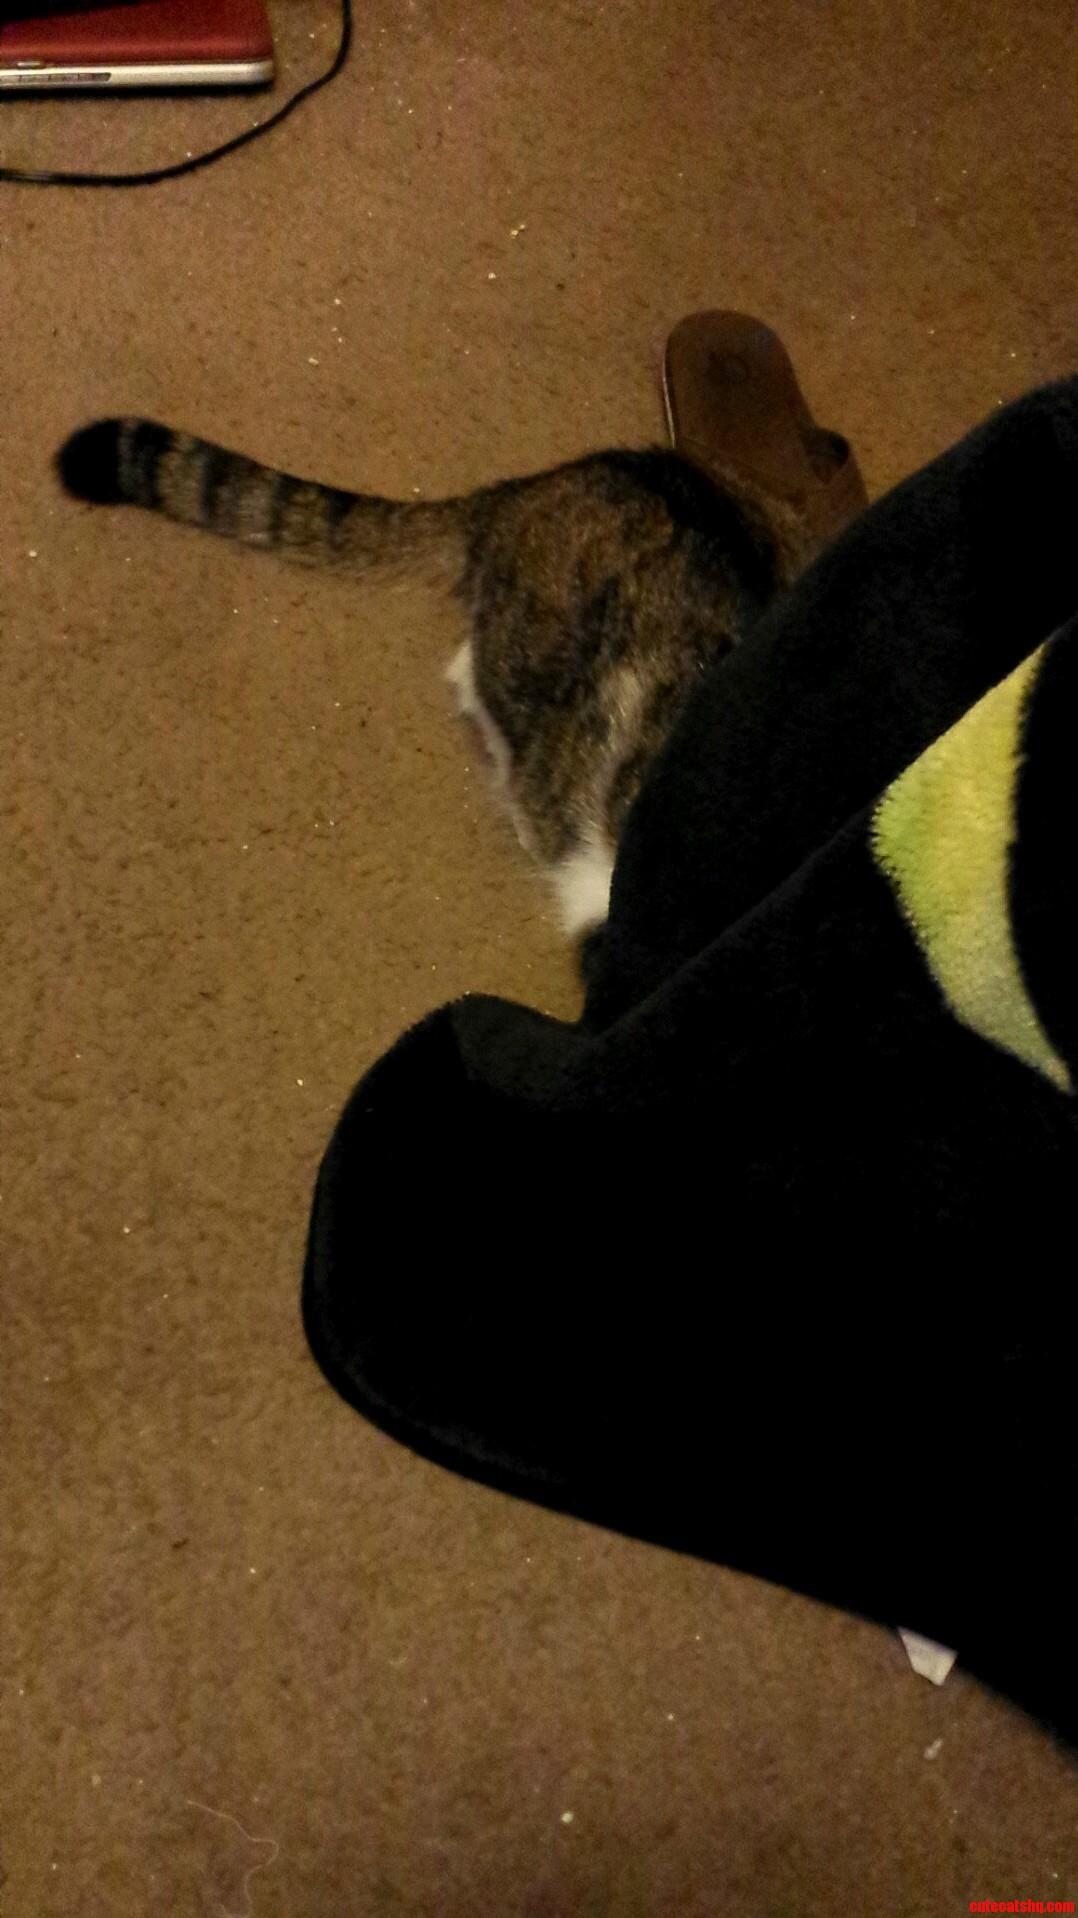 Gizmos hiding spot before he pounces at me and runs away.